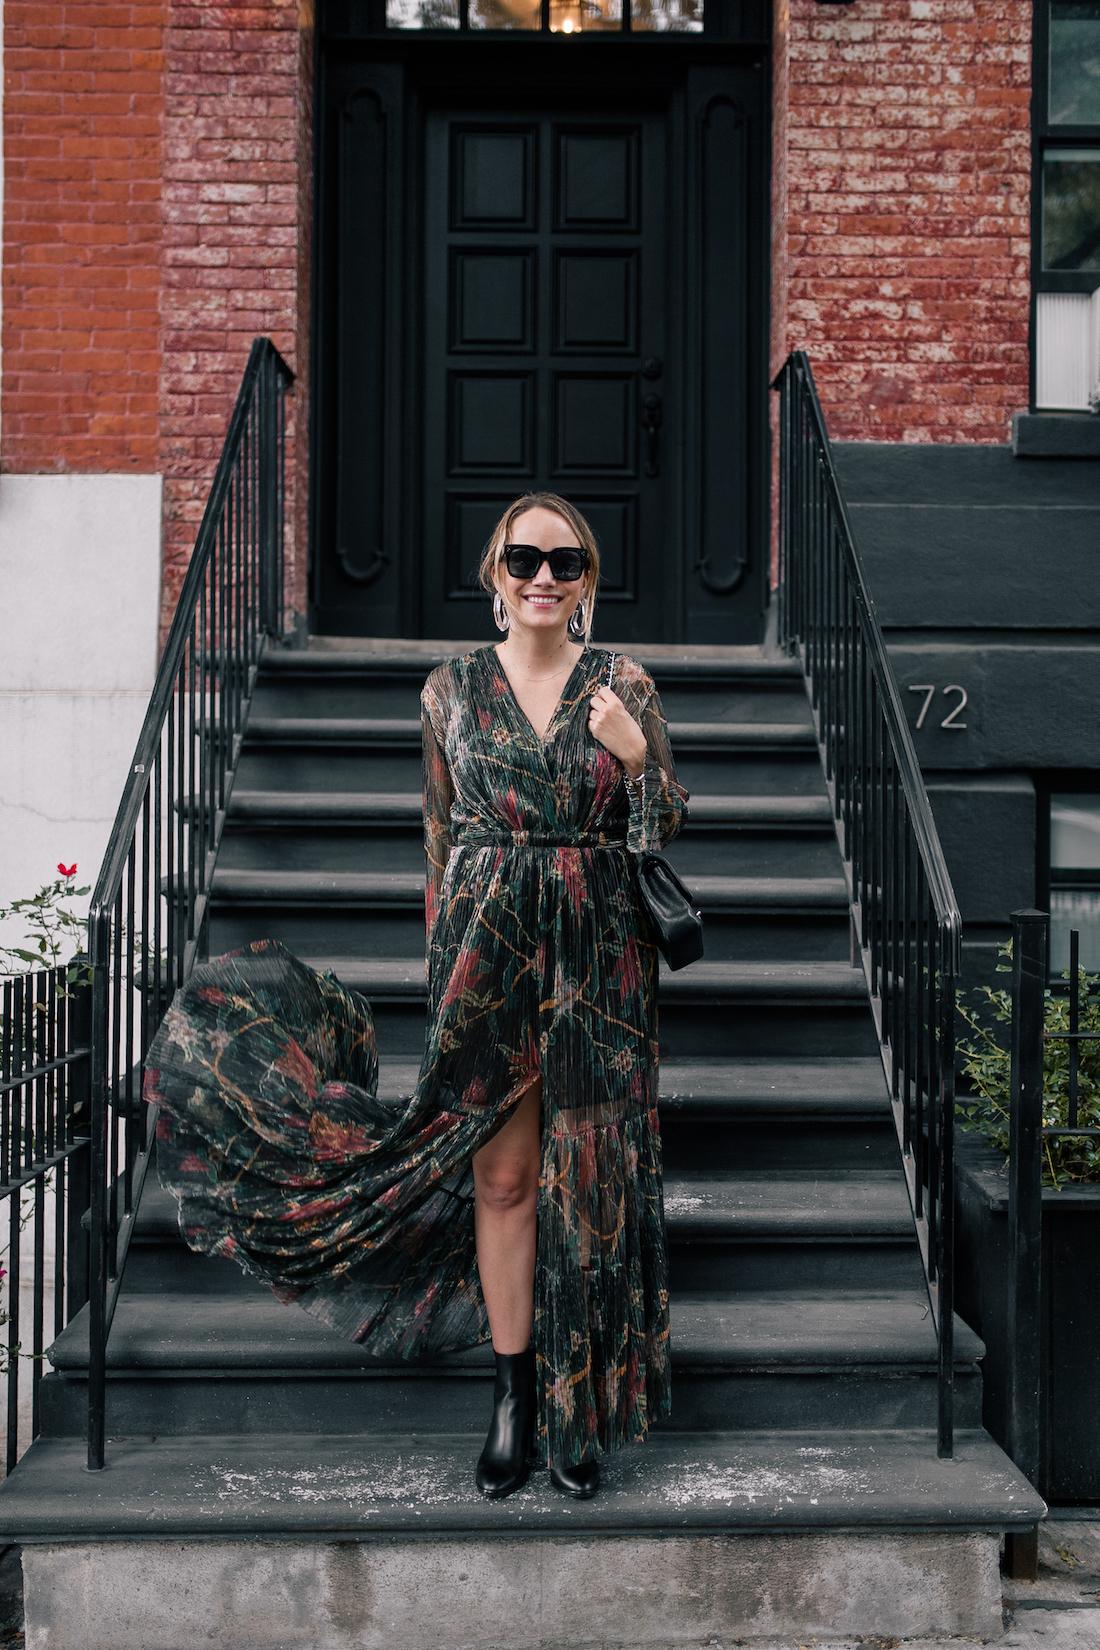 maxi dresses under $200 options